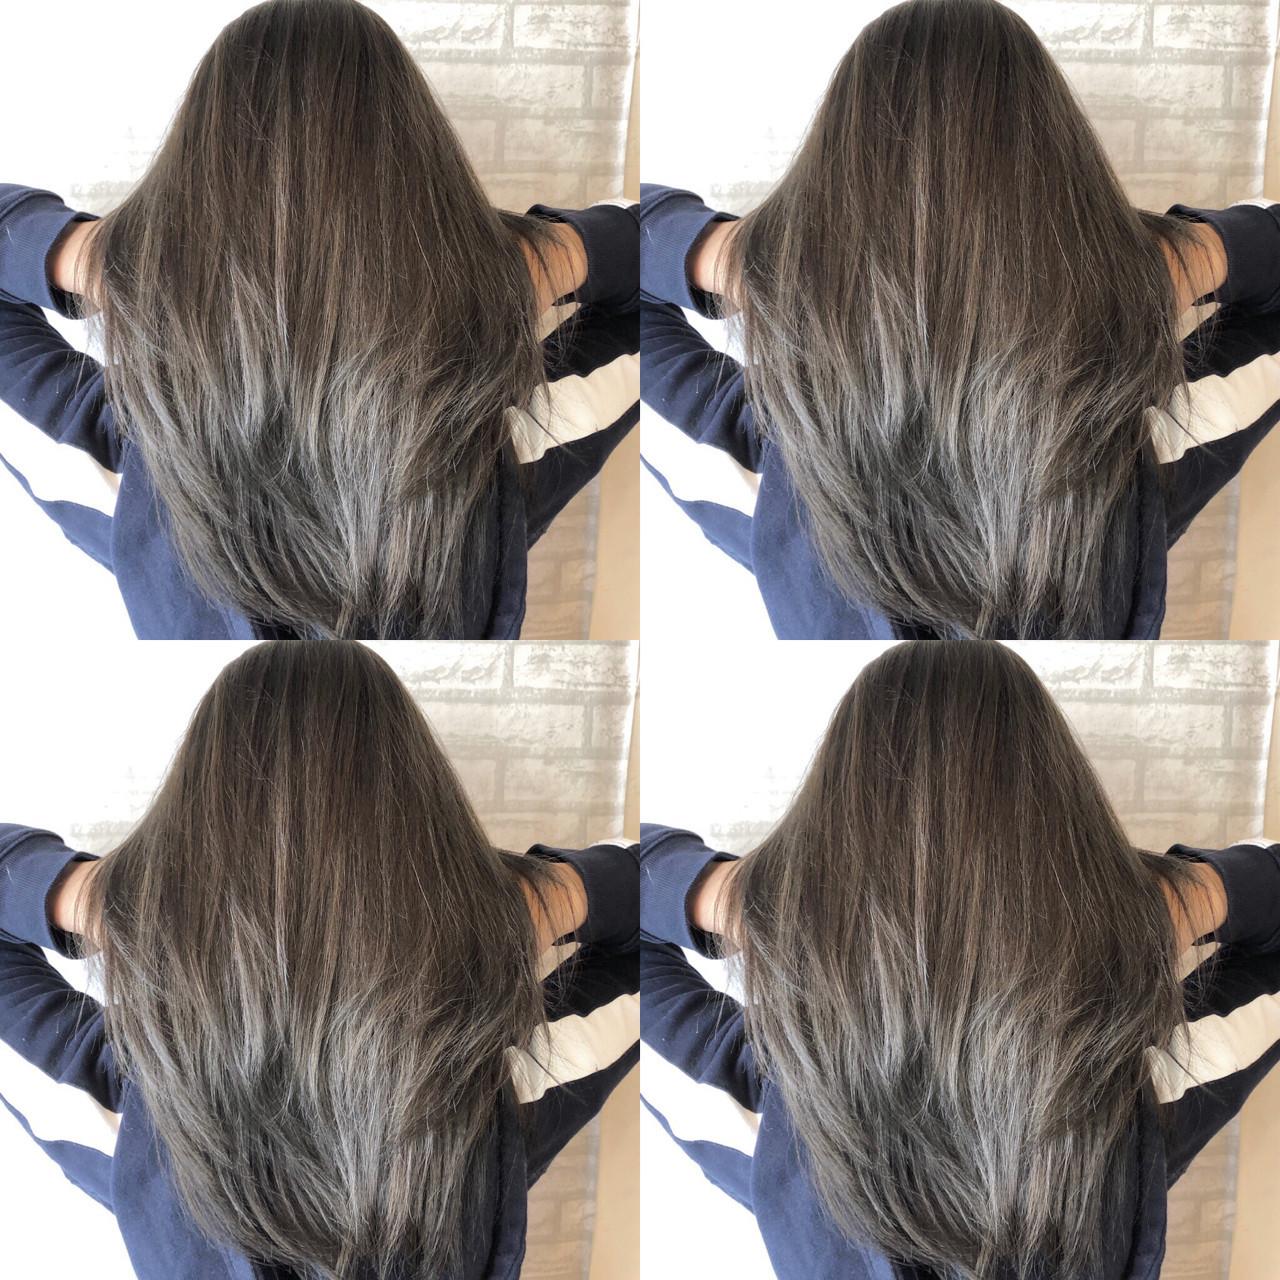 アッシュグレージュ アッシュ シルバーアッシュ ミディアム ヘアスタイルや髪型の写真・画像